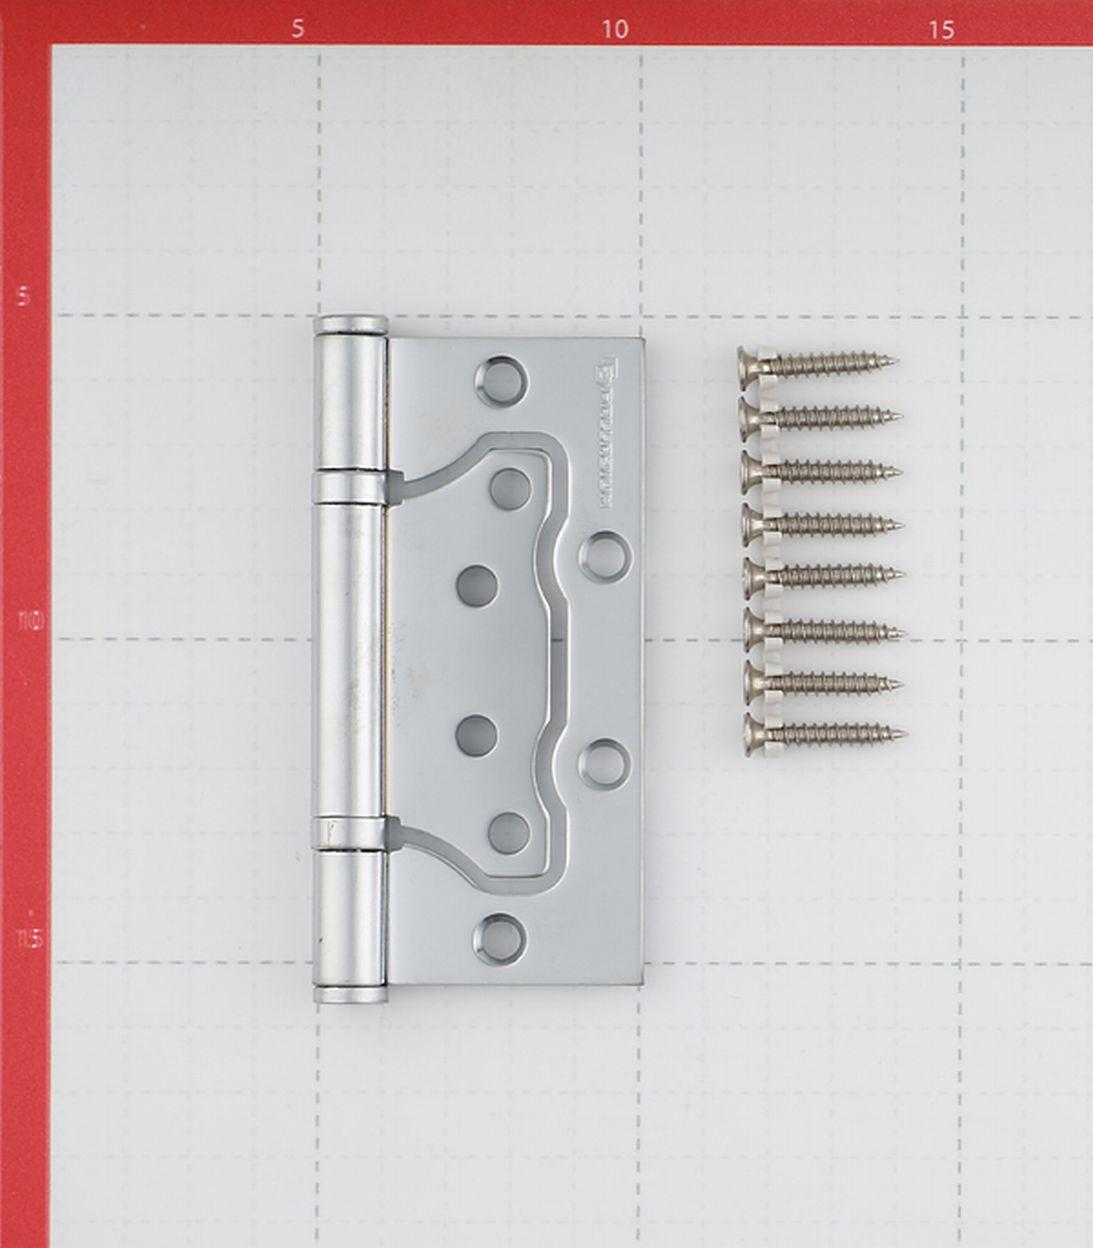 Петля Palladium 2BB-100 PC бабочка универсальная неразъемная 100х75 мм перламутровый хром